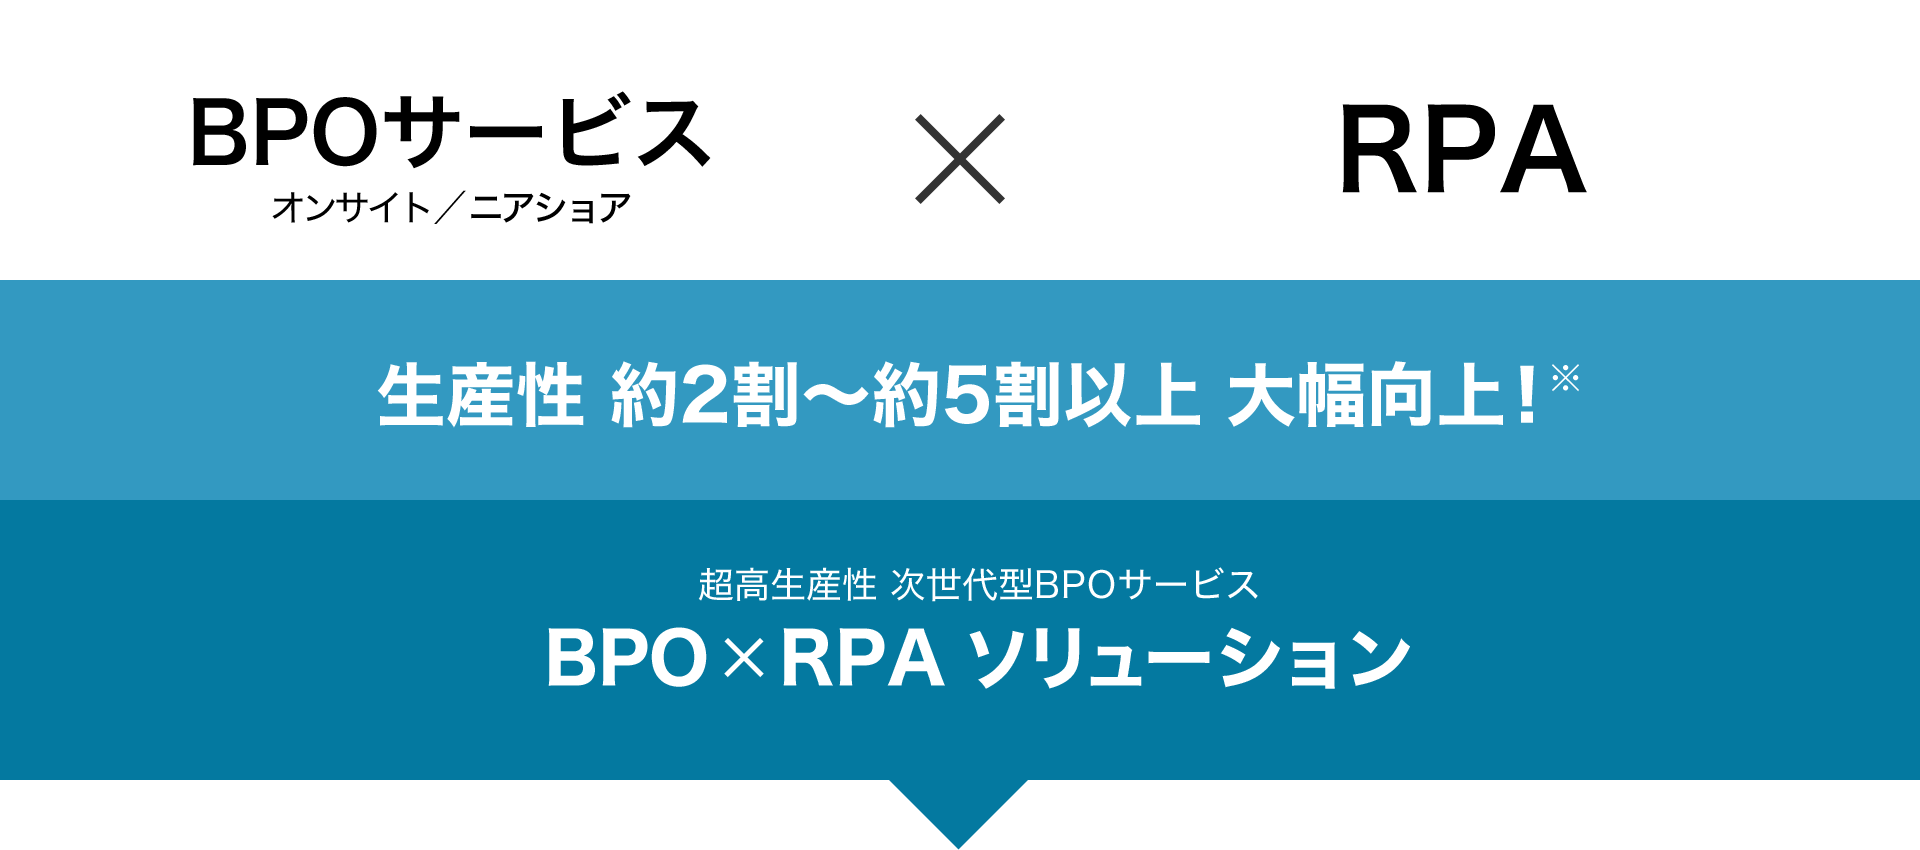 BPOサービス(オンサイト/ニアショア)×RPA 生産性約2割から約5割以上大幅向上! 超高生産性次世代BPOサービス「BPO×RPAソリューション」